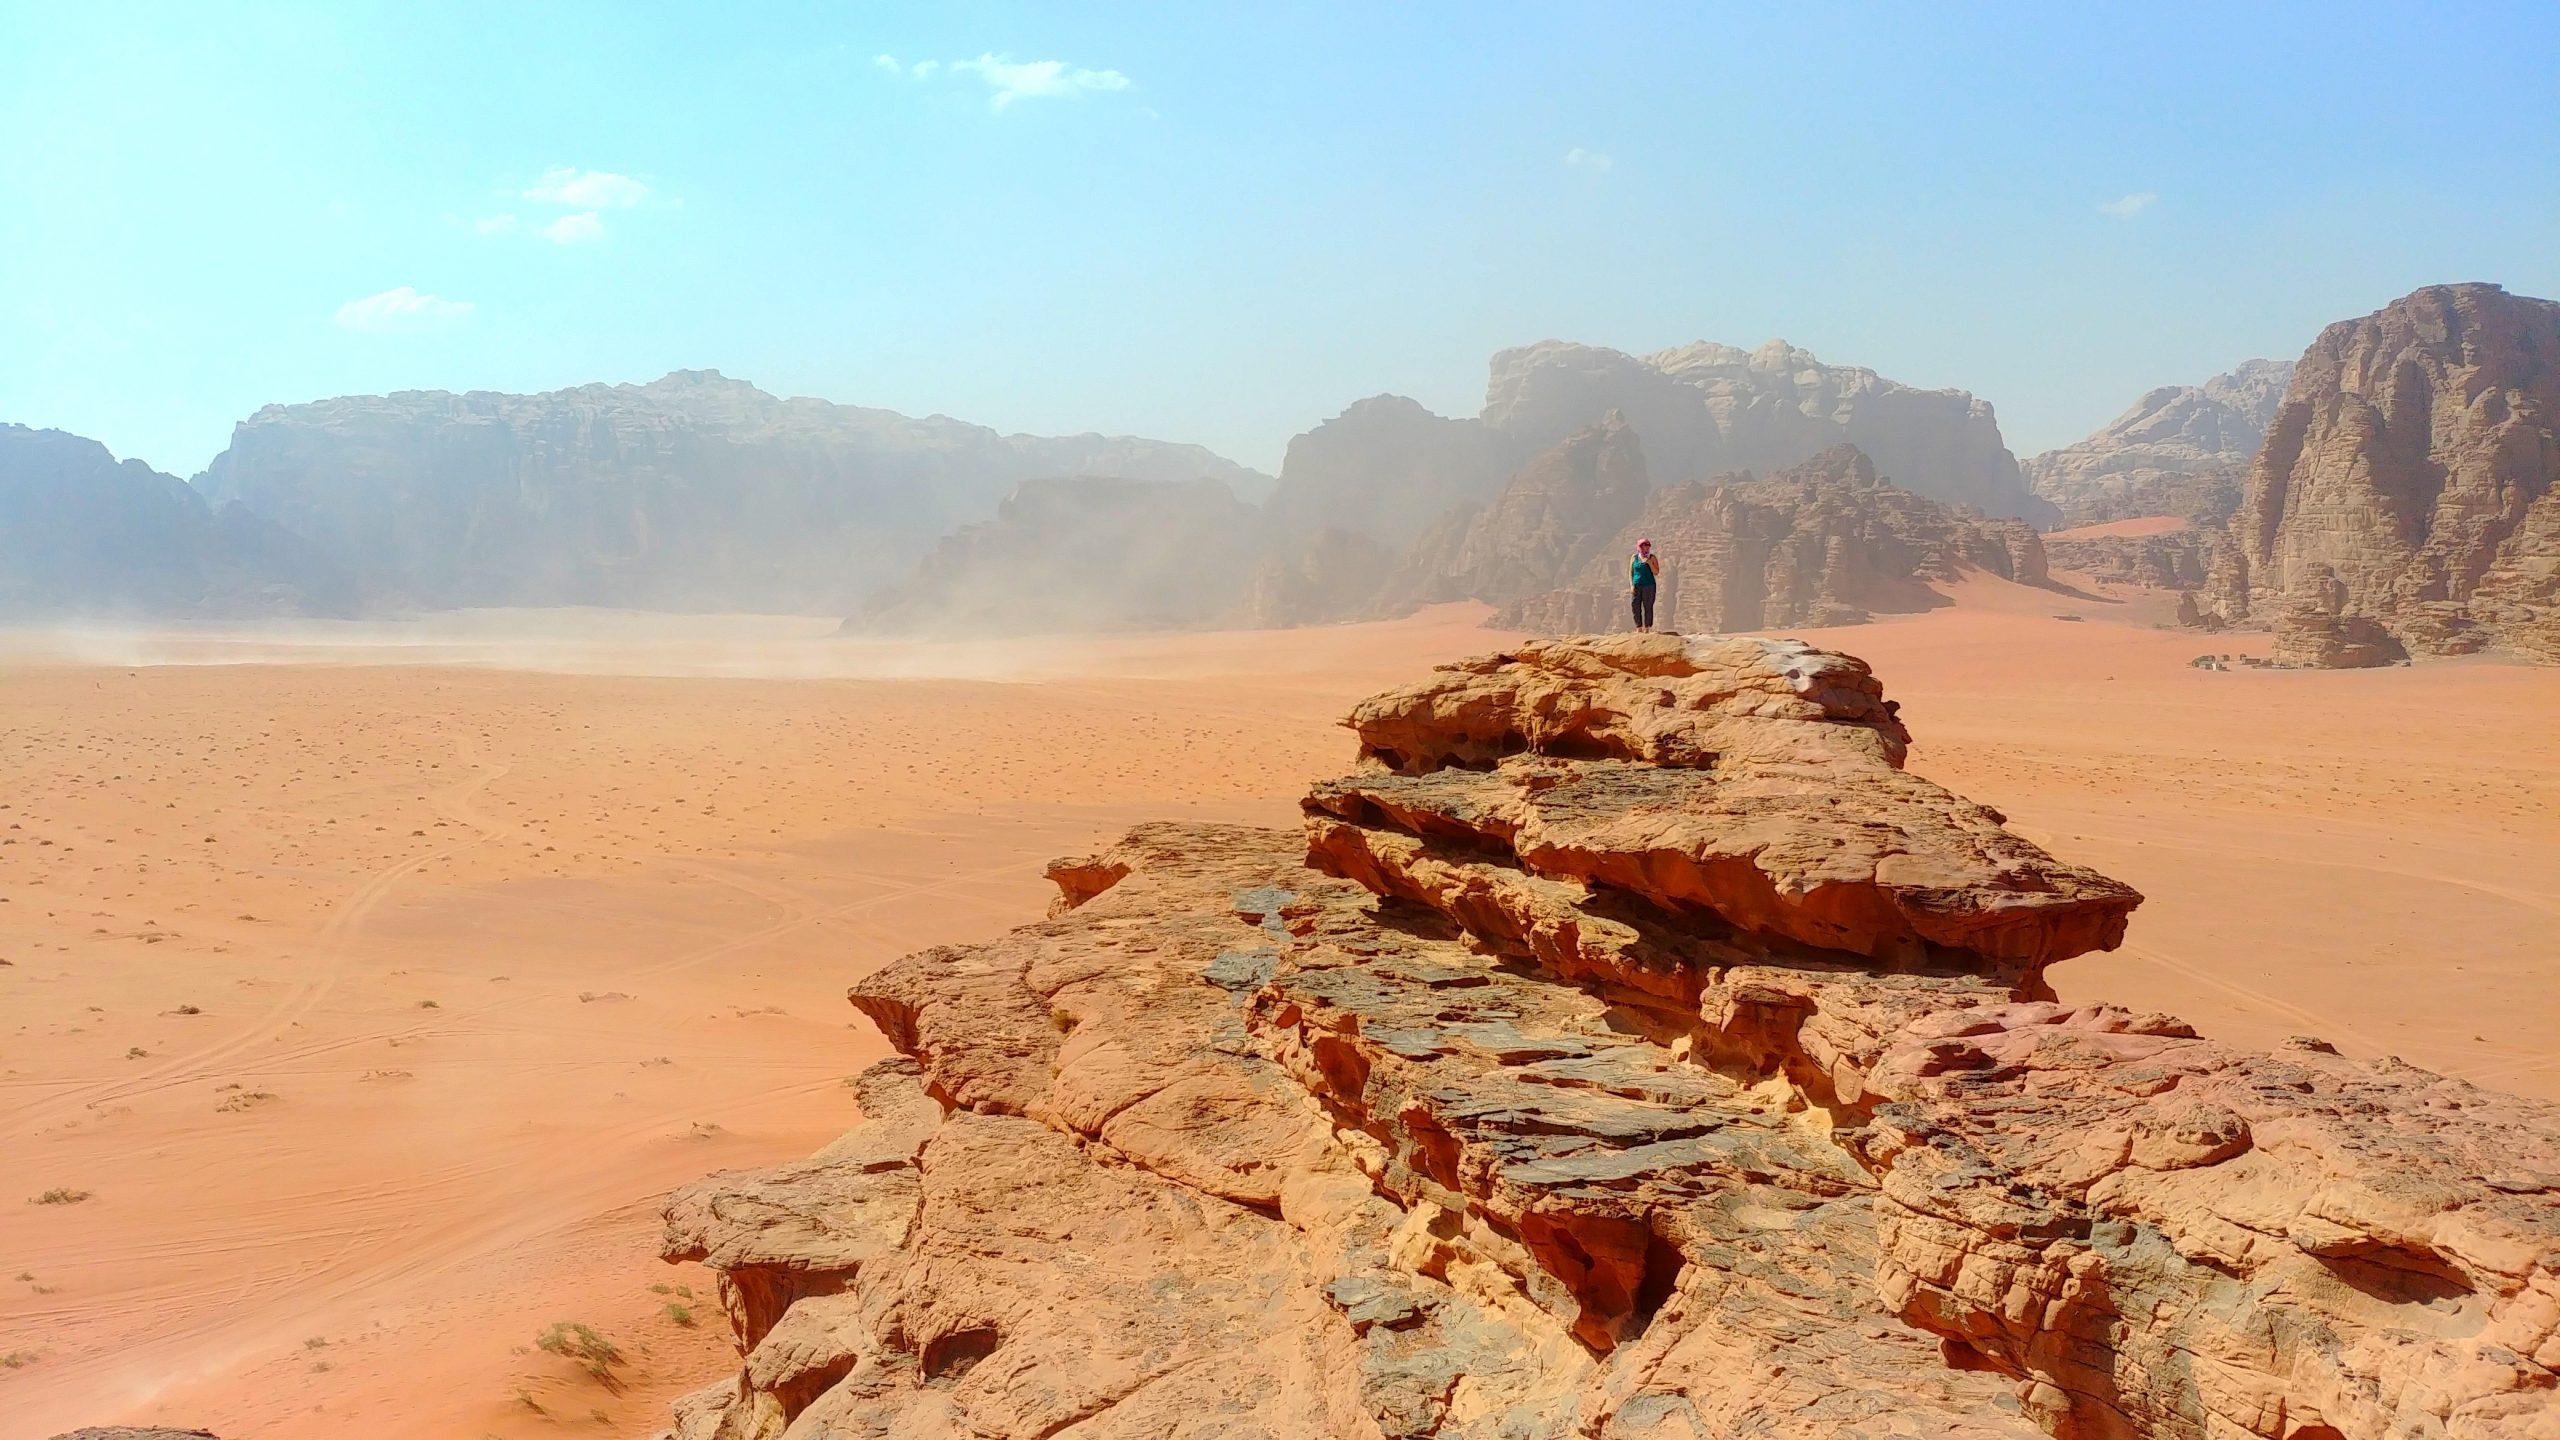 Jordanie - Seule au monde face au désert de roche de Wadi Rum